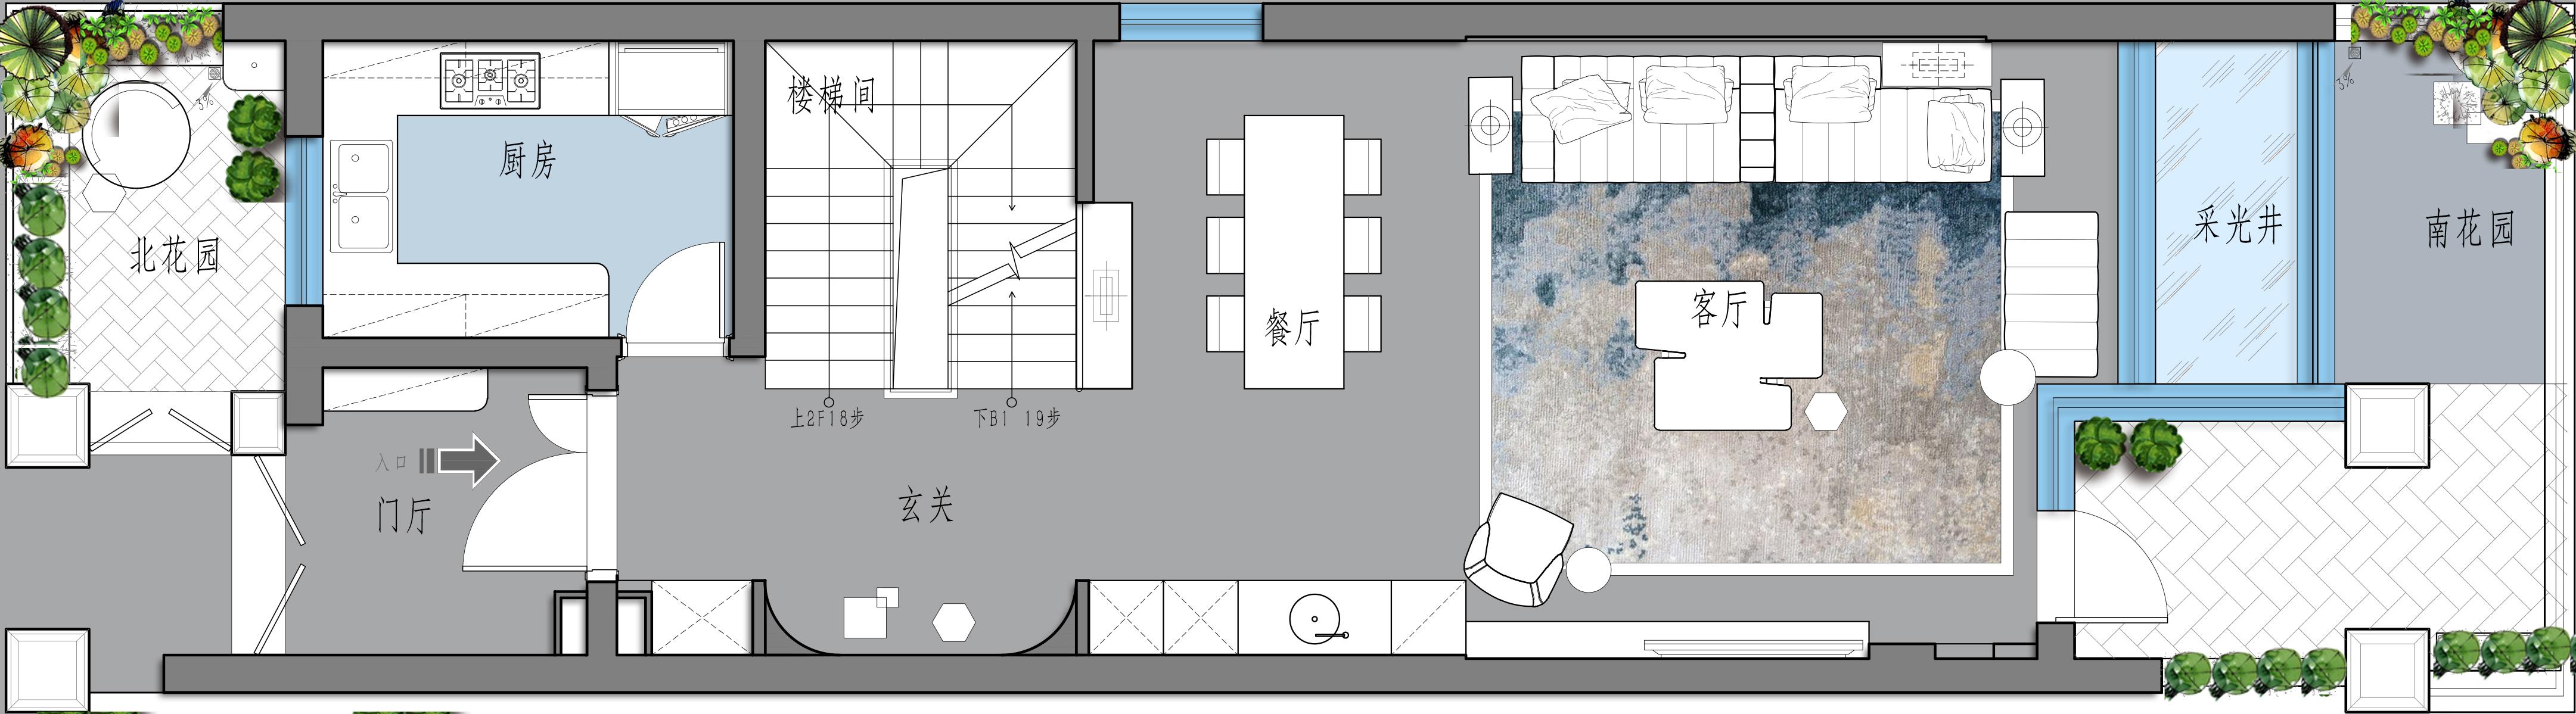 上海湖畔天下347平现代混搭风格装修案例效果图装修设计理念